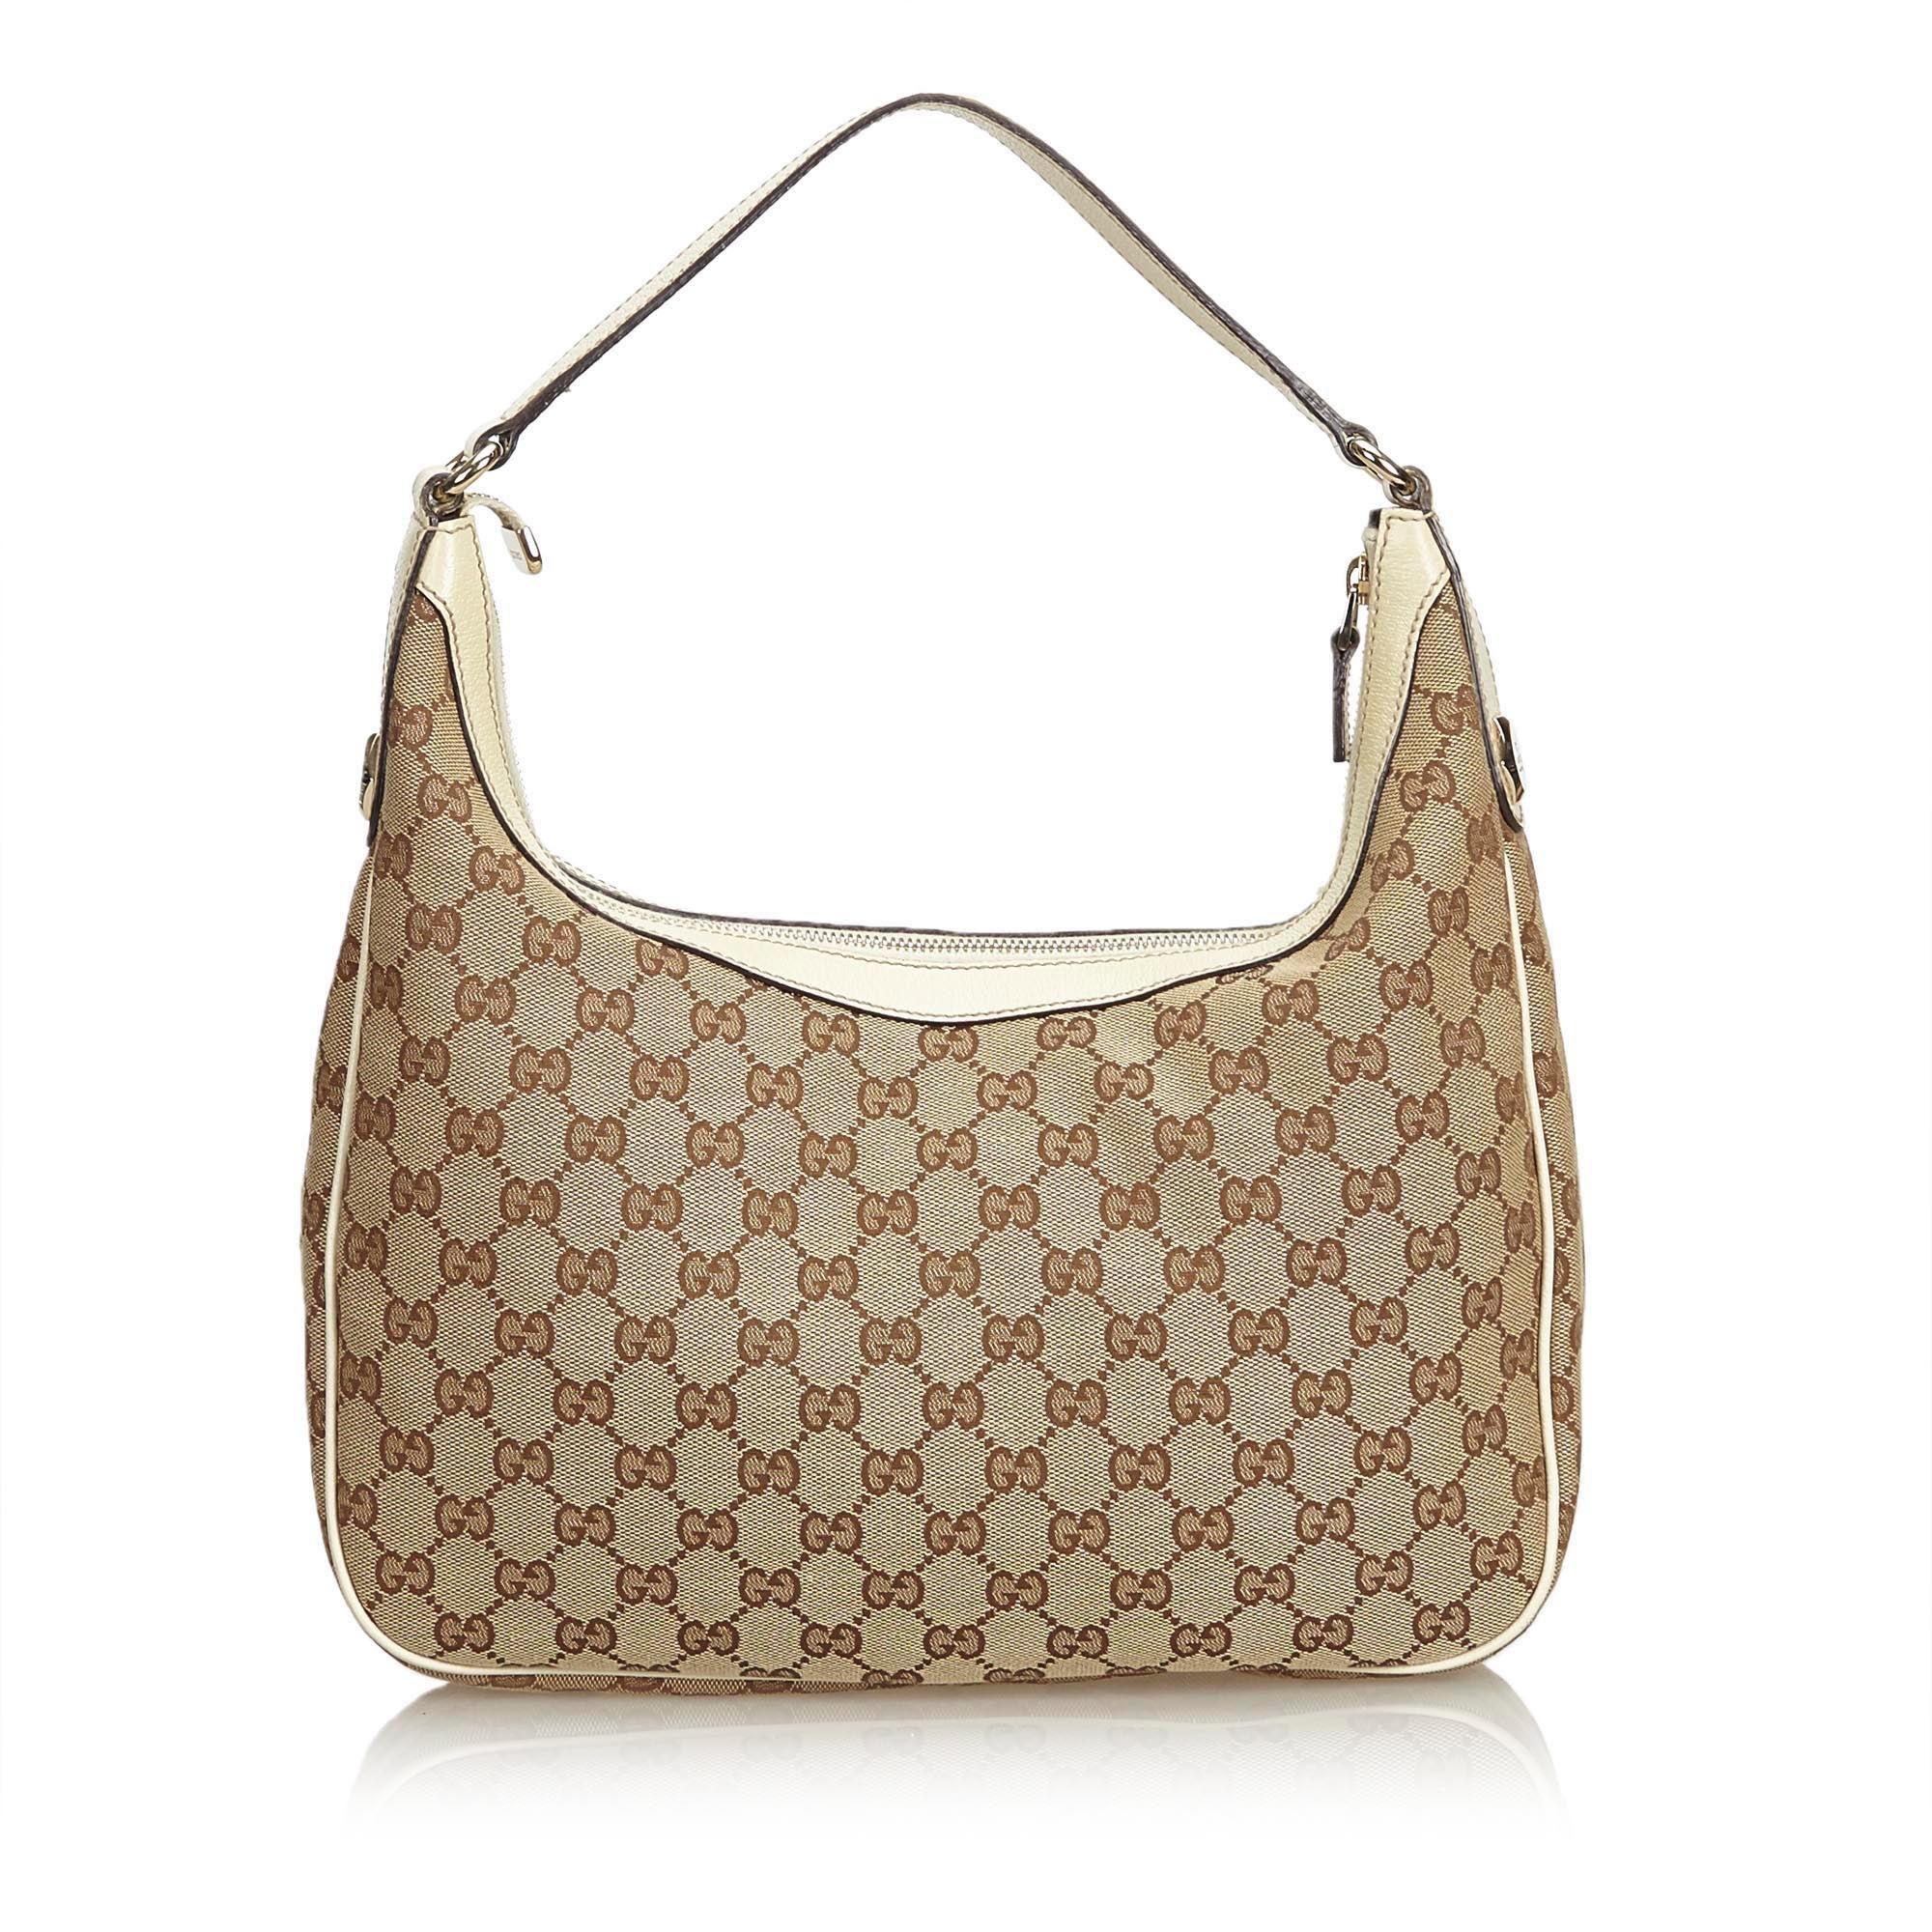 8f3084ff906 Gucci Brown GG Jacquard Hobo Bag at 1stdibs